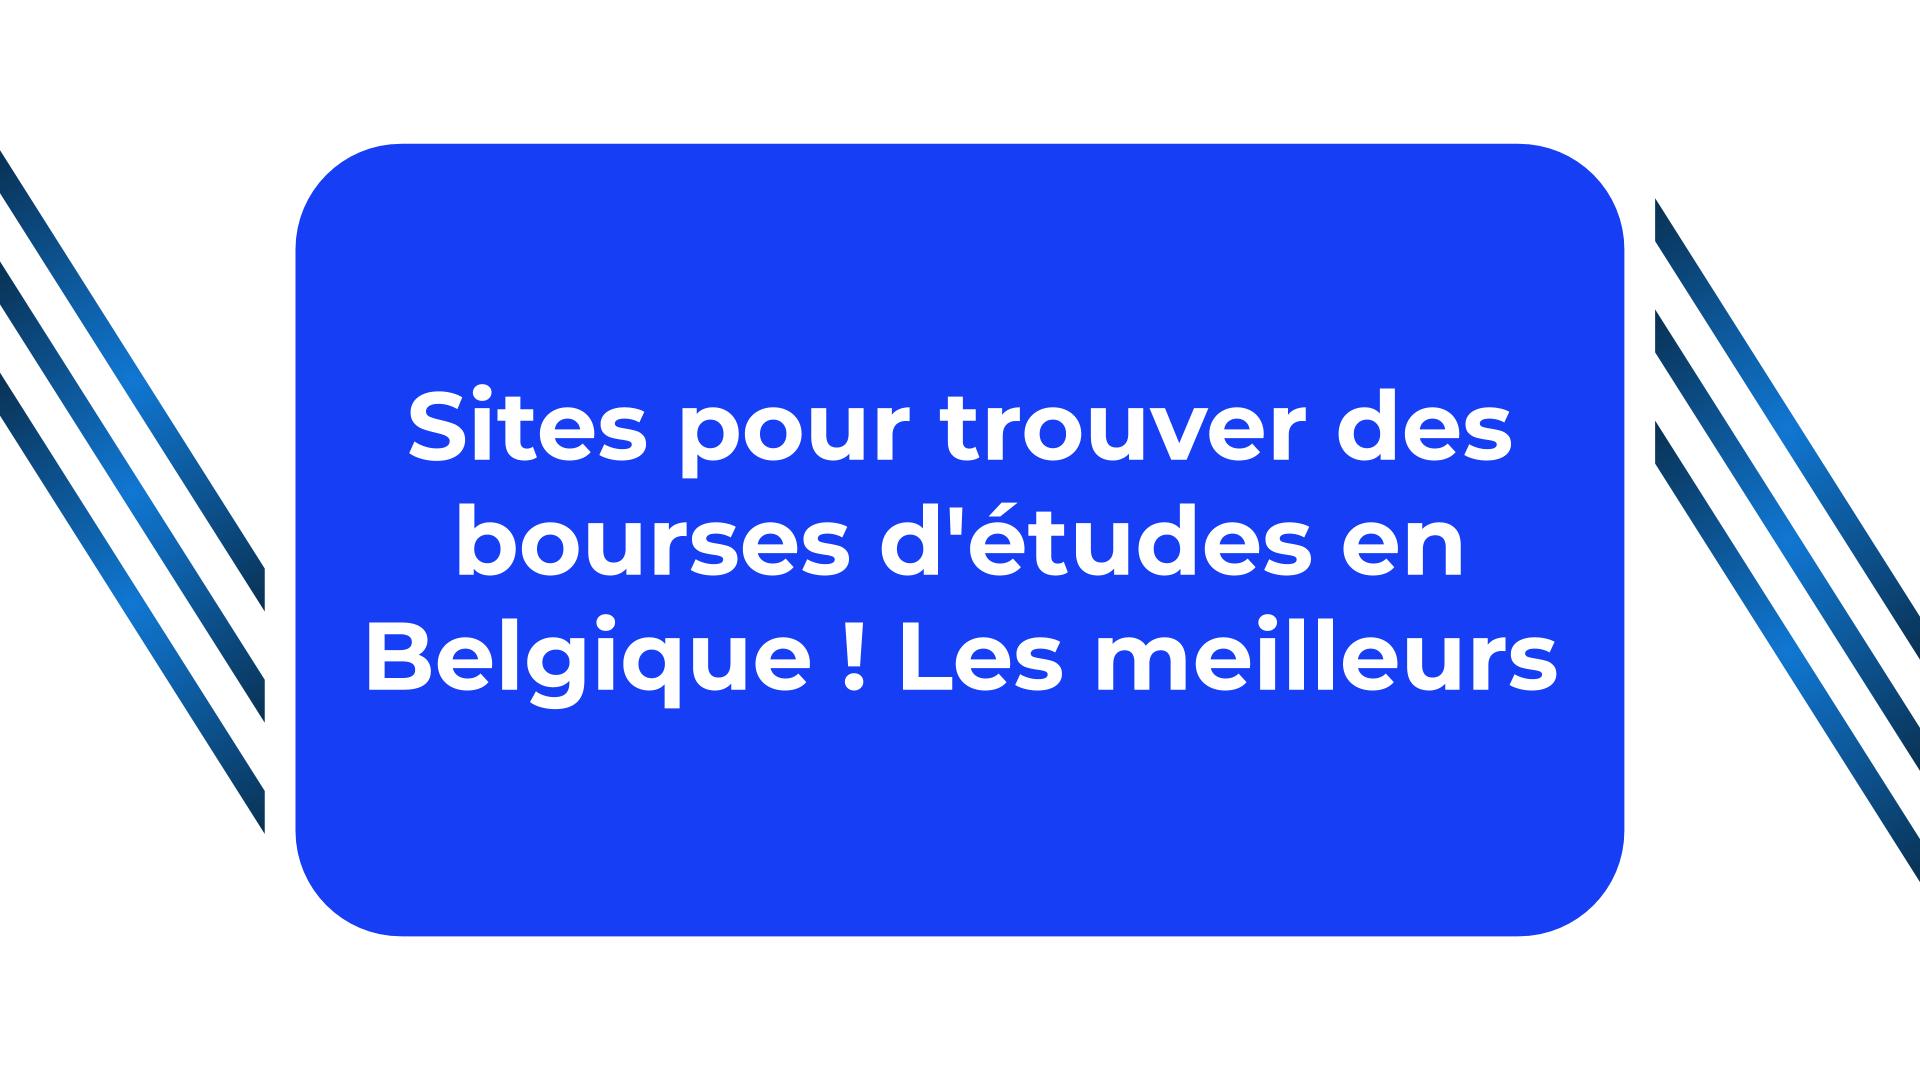 Sites pour trouver des bourses d'études en Belgique ! Les meilleurs